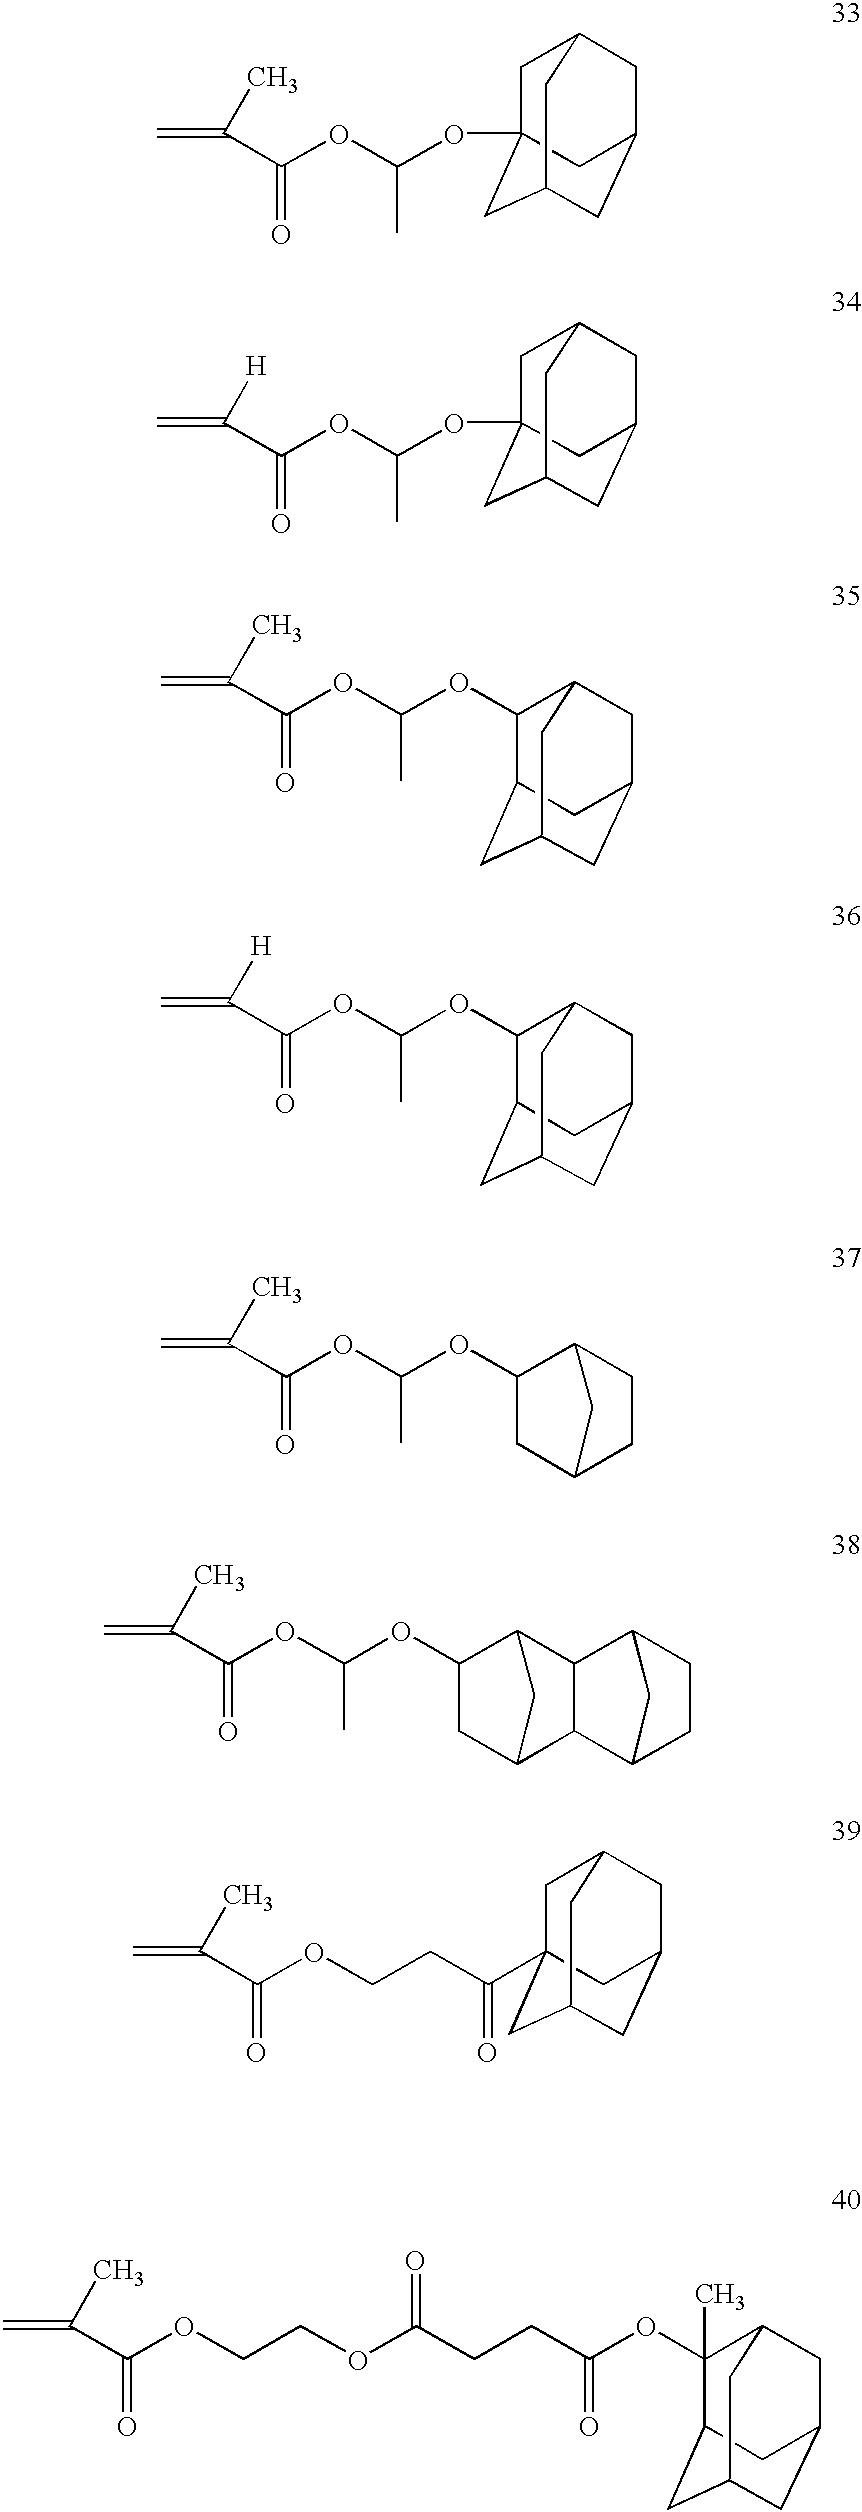 Figure US20030186161A1-20031002-C00051